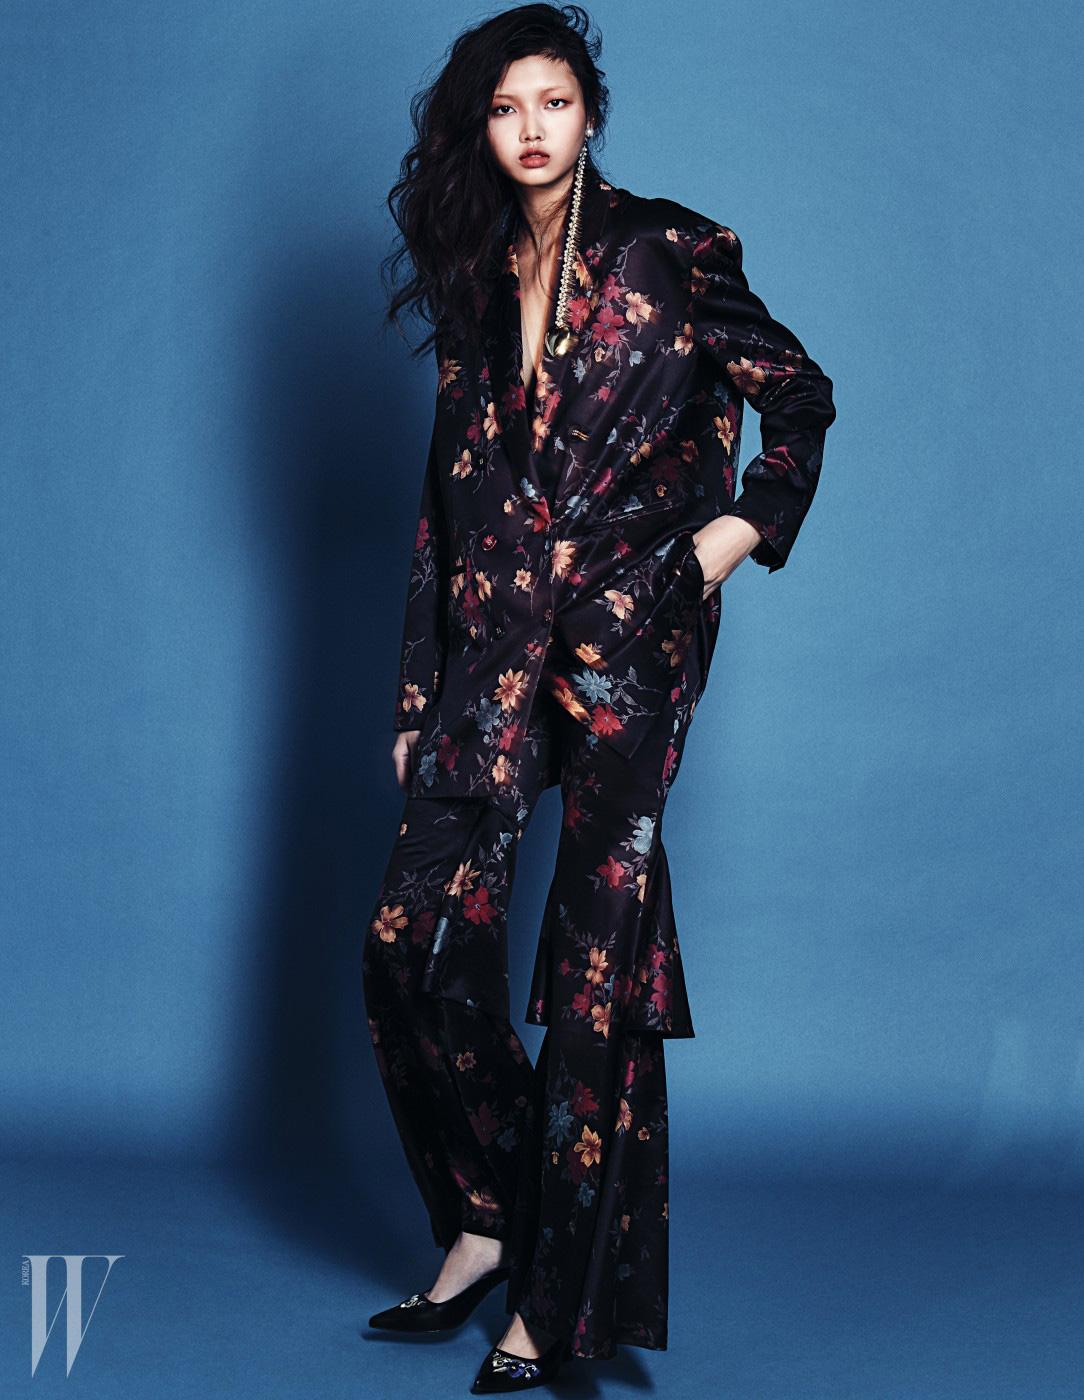 큼직한 꽃무늬 실크 더블 재킷과 티어드 절개 라인의 팬츠 슈트, 자수가 들어간 검은색 뮬과 금색 드롭 귀고리는 모두 The Centaur 제품.